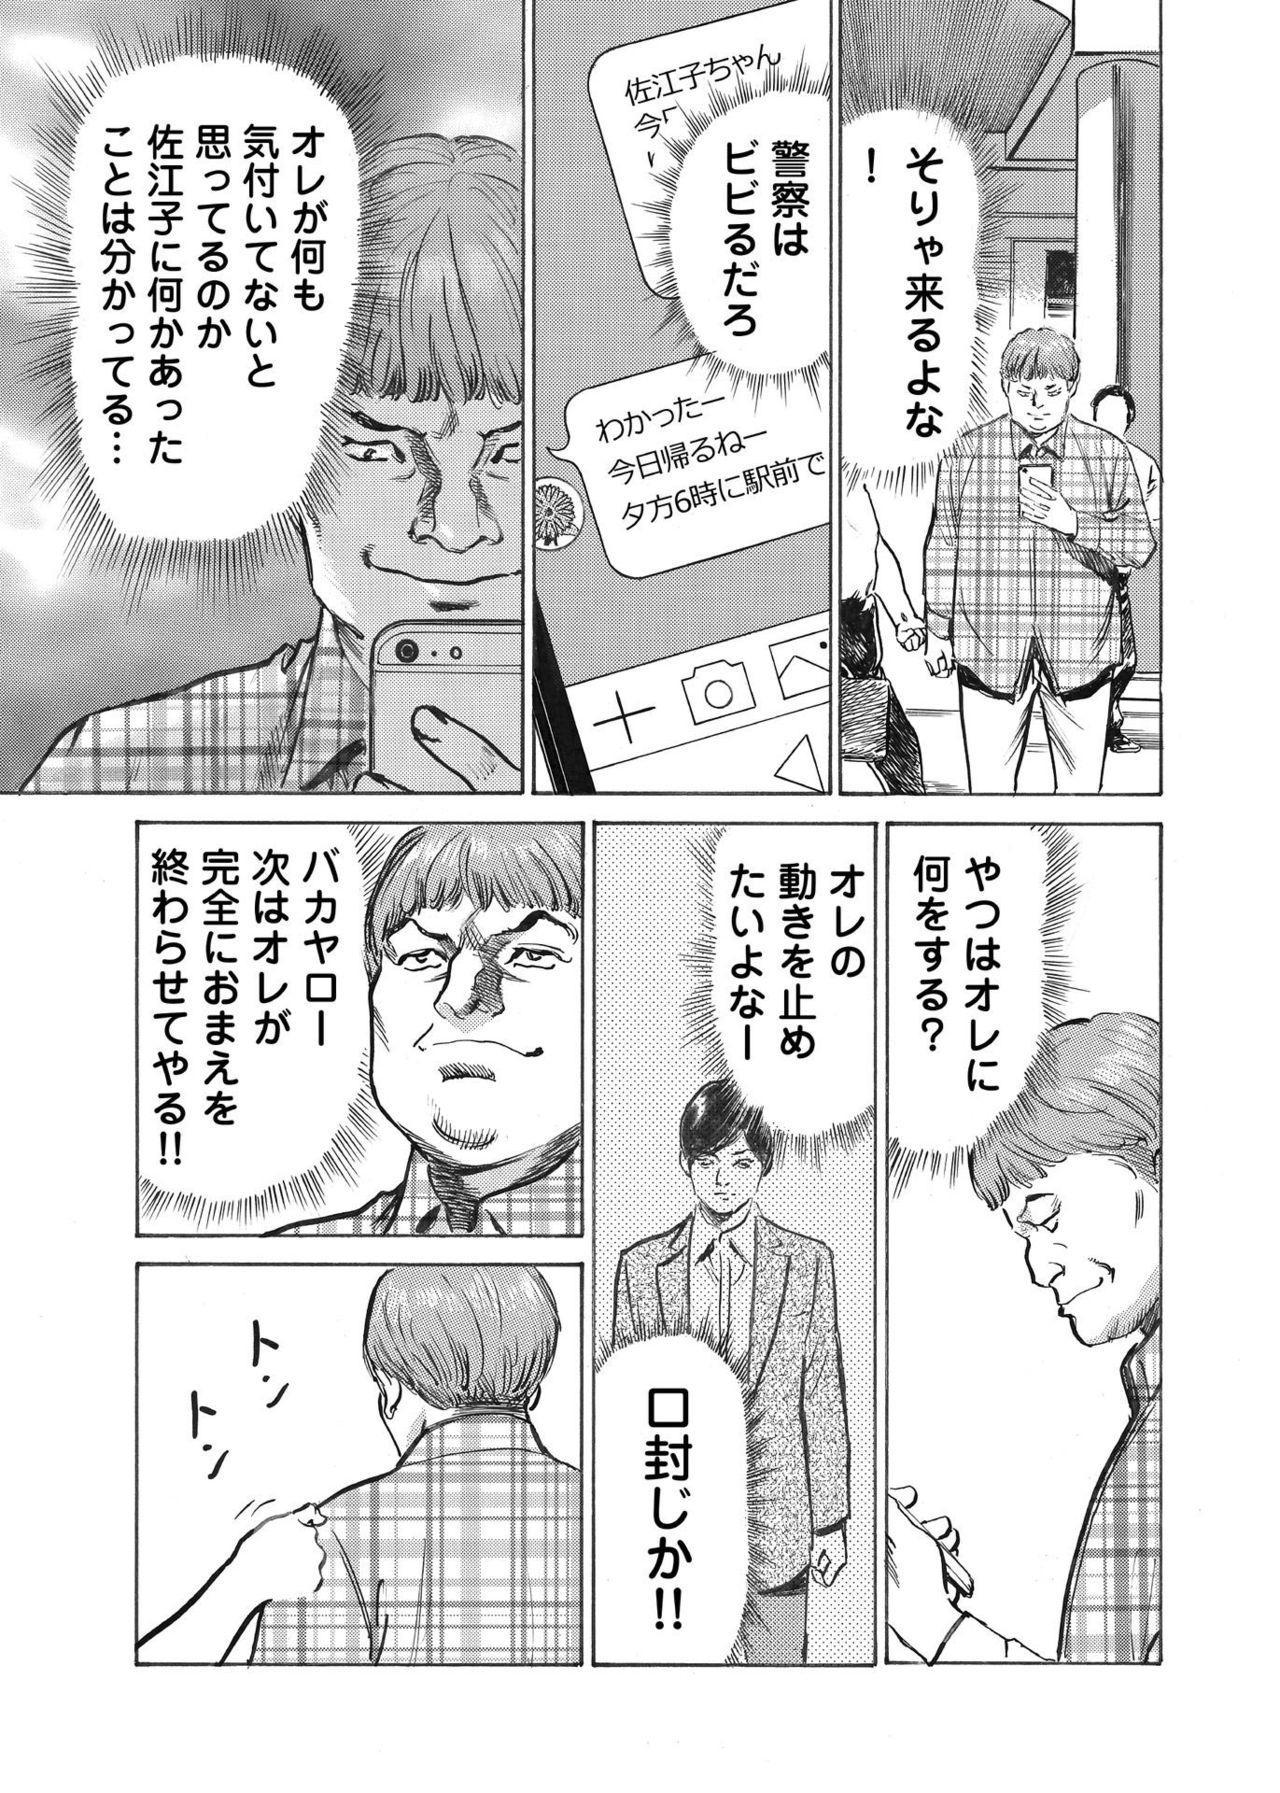 Ore wa Tsuma no Koto o Yoku Shiranai 1-9 159